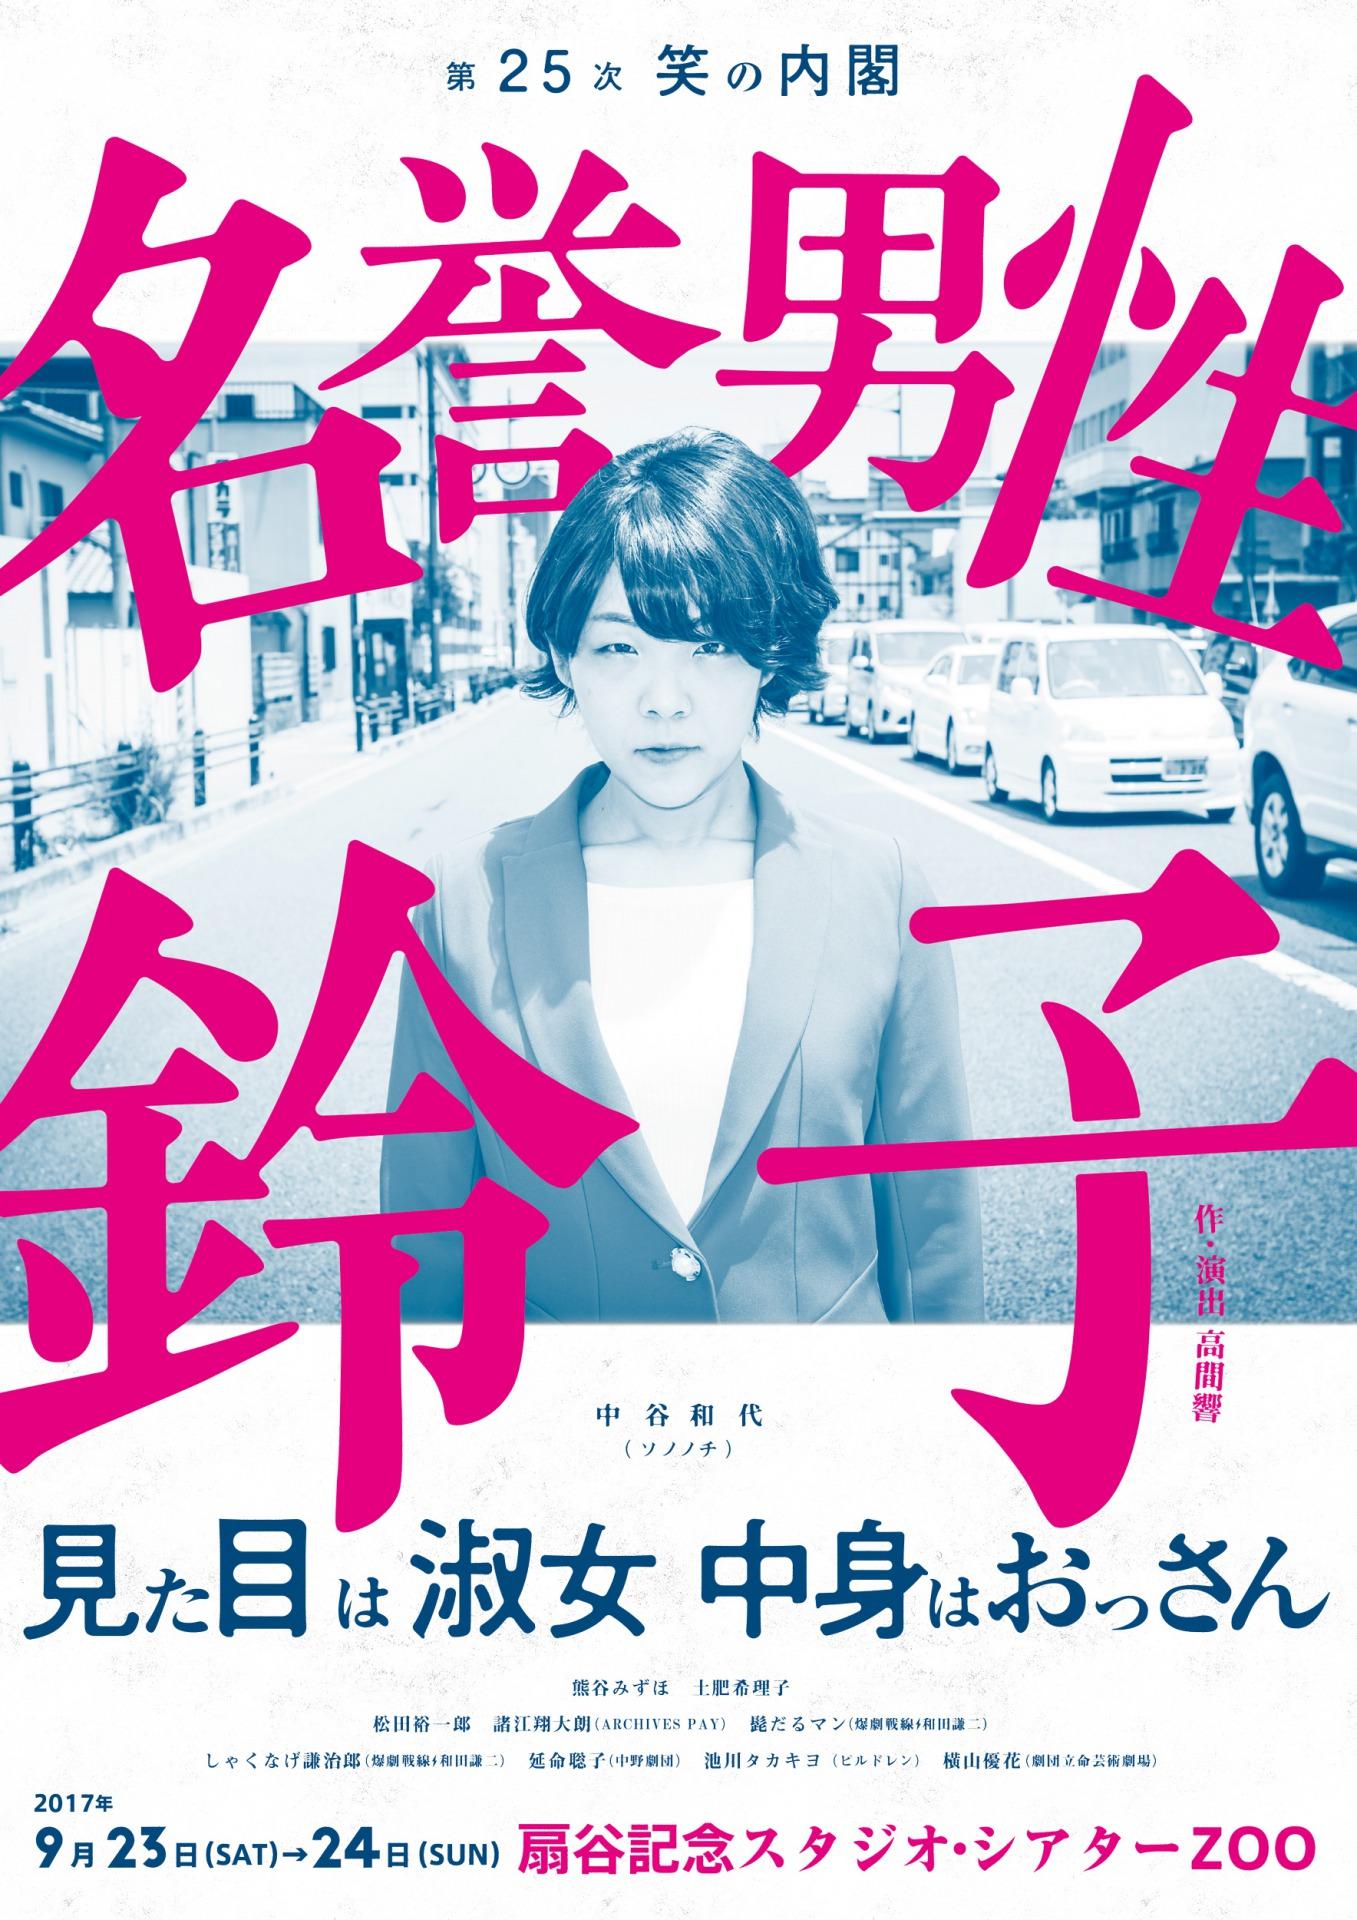 第25次笑の内閣『名誉男性鈴子』(札幌公演)